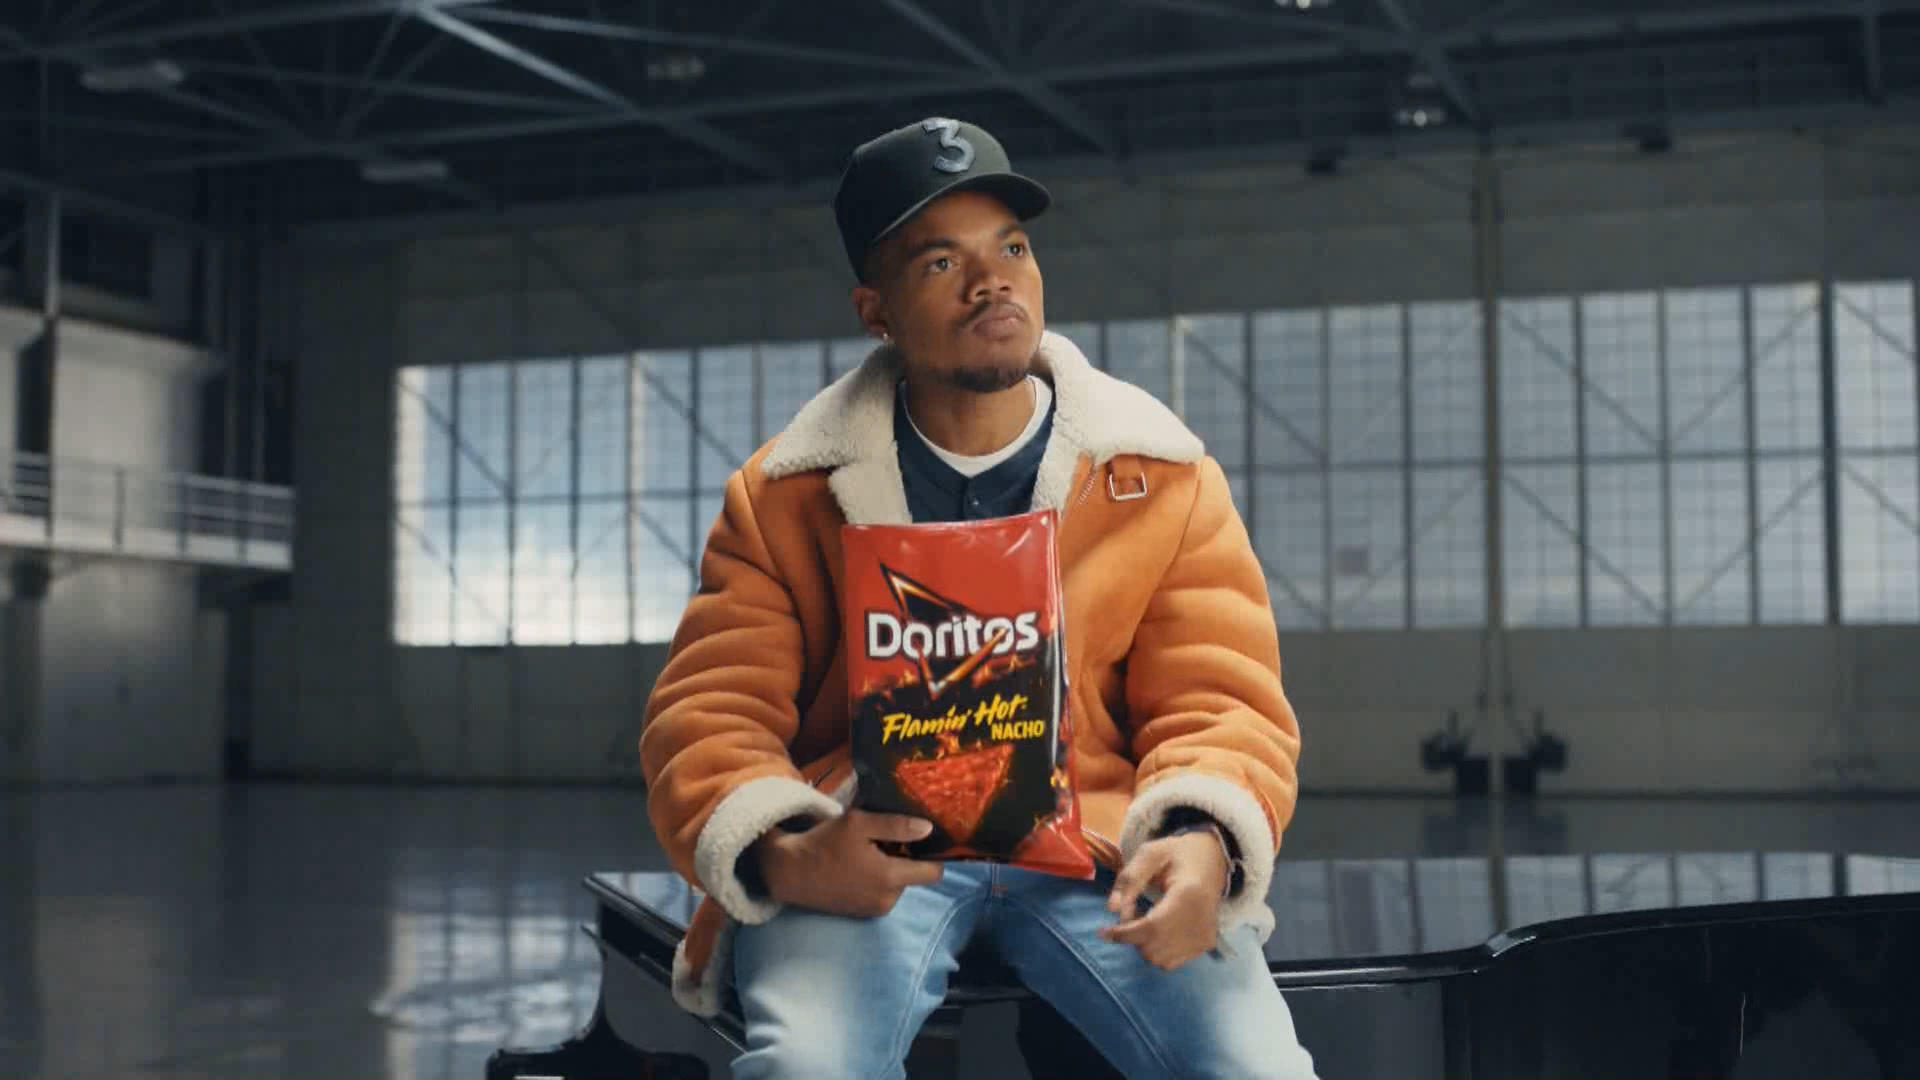 2019 Super Bowl Commercials: Doritos - CBSSports.com